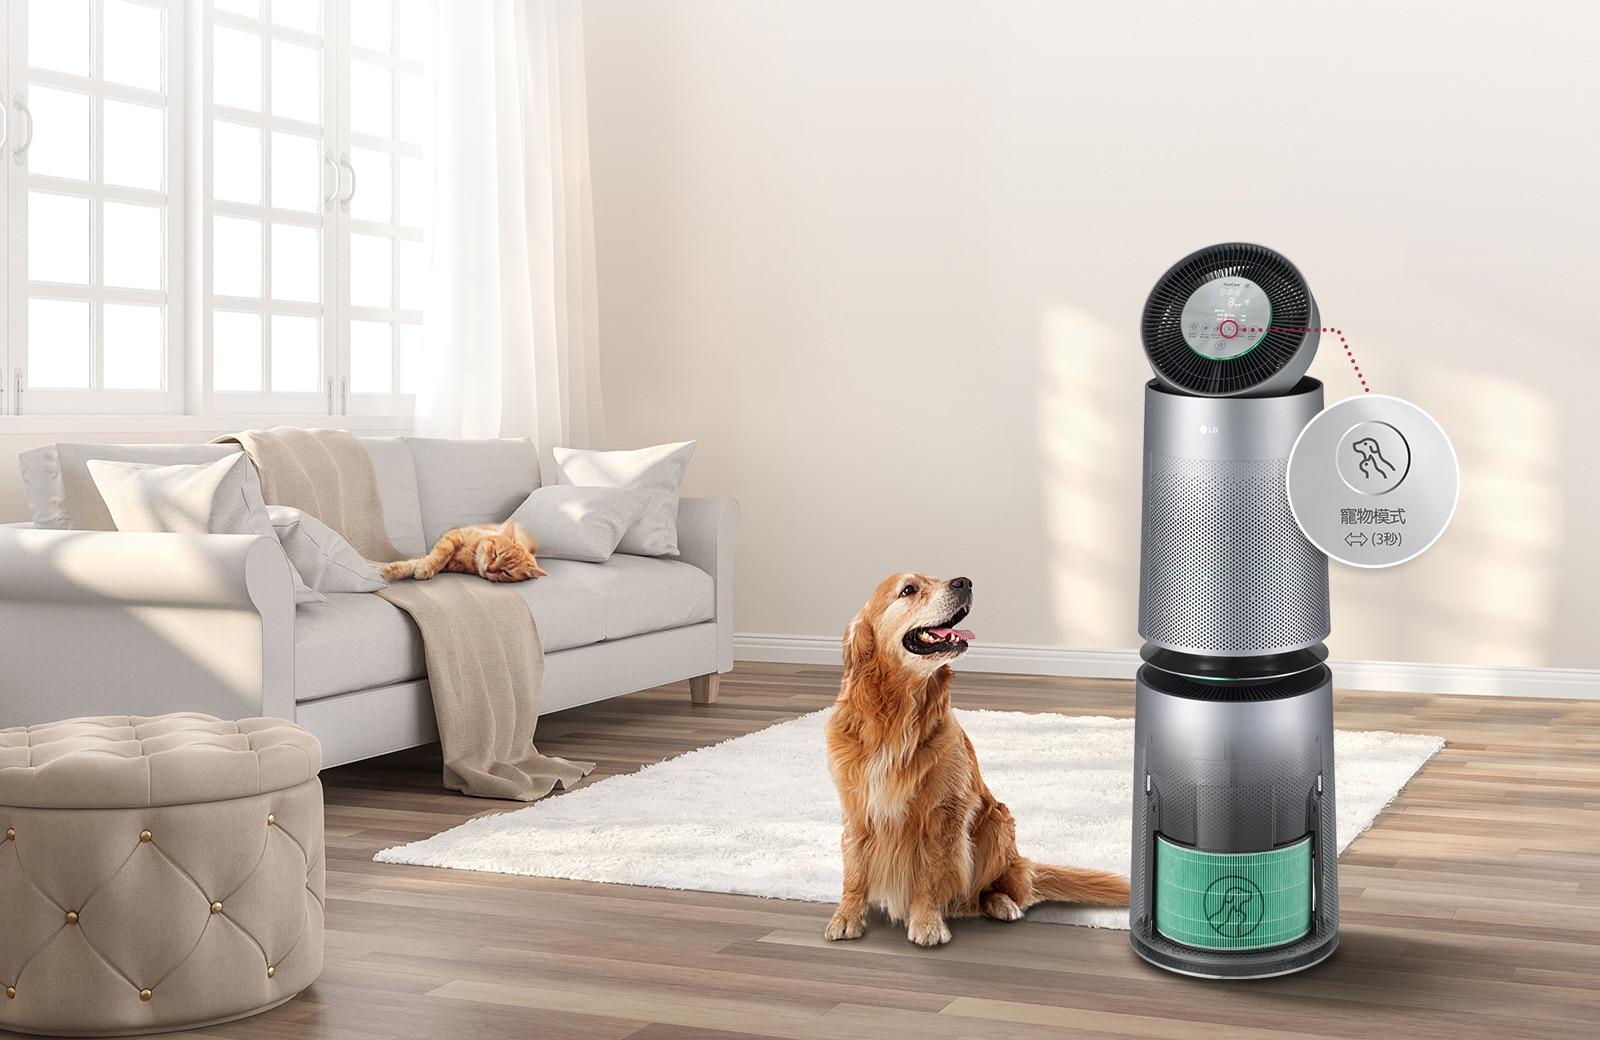 一隻貓躺在窗前的沙發上,狗坐在地毯上,抬頭仰望著空氣清淨機。前景中的圖片顯示一隻手,可以輕鬆更換機器的預濾網。